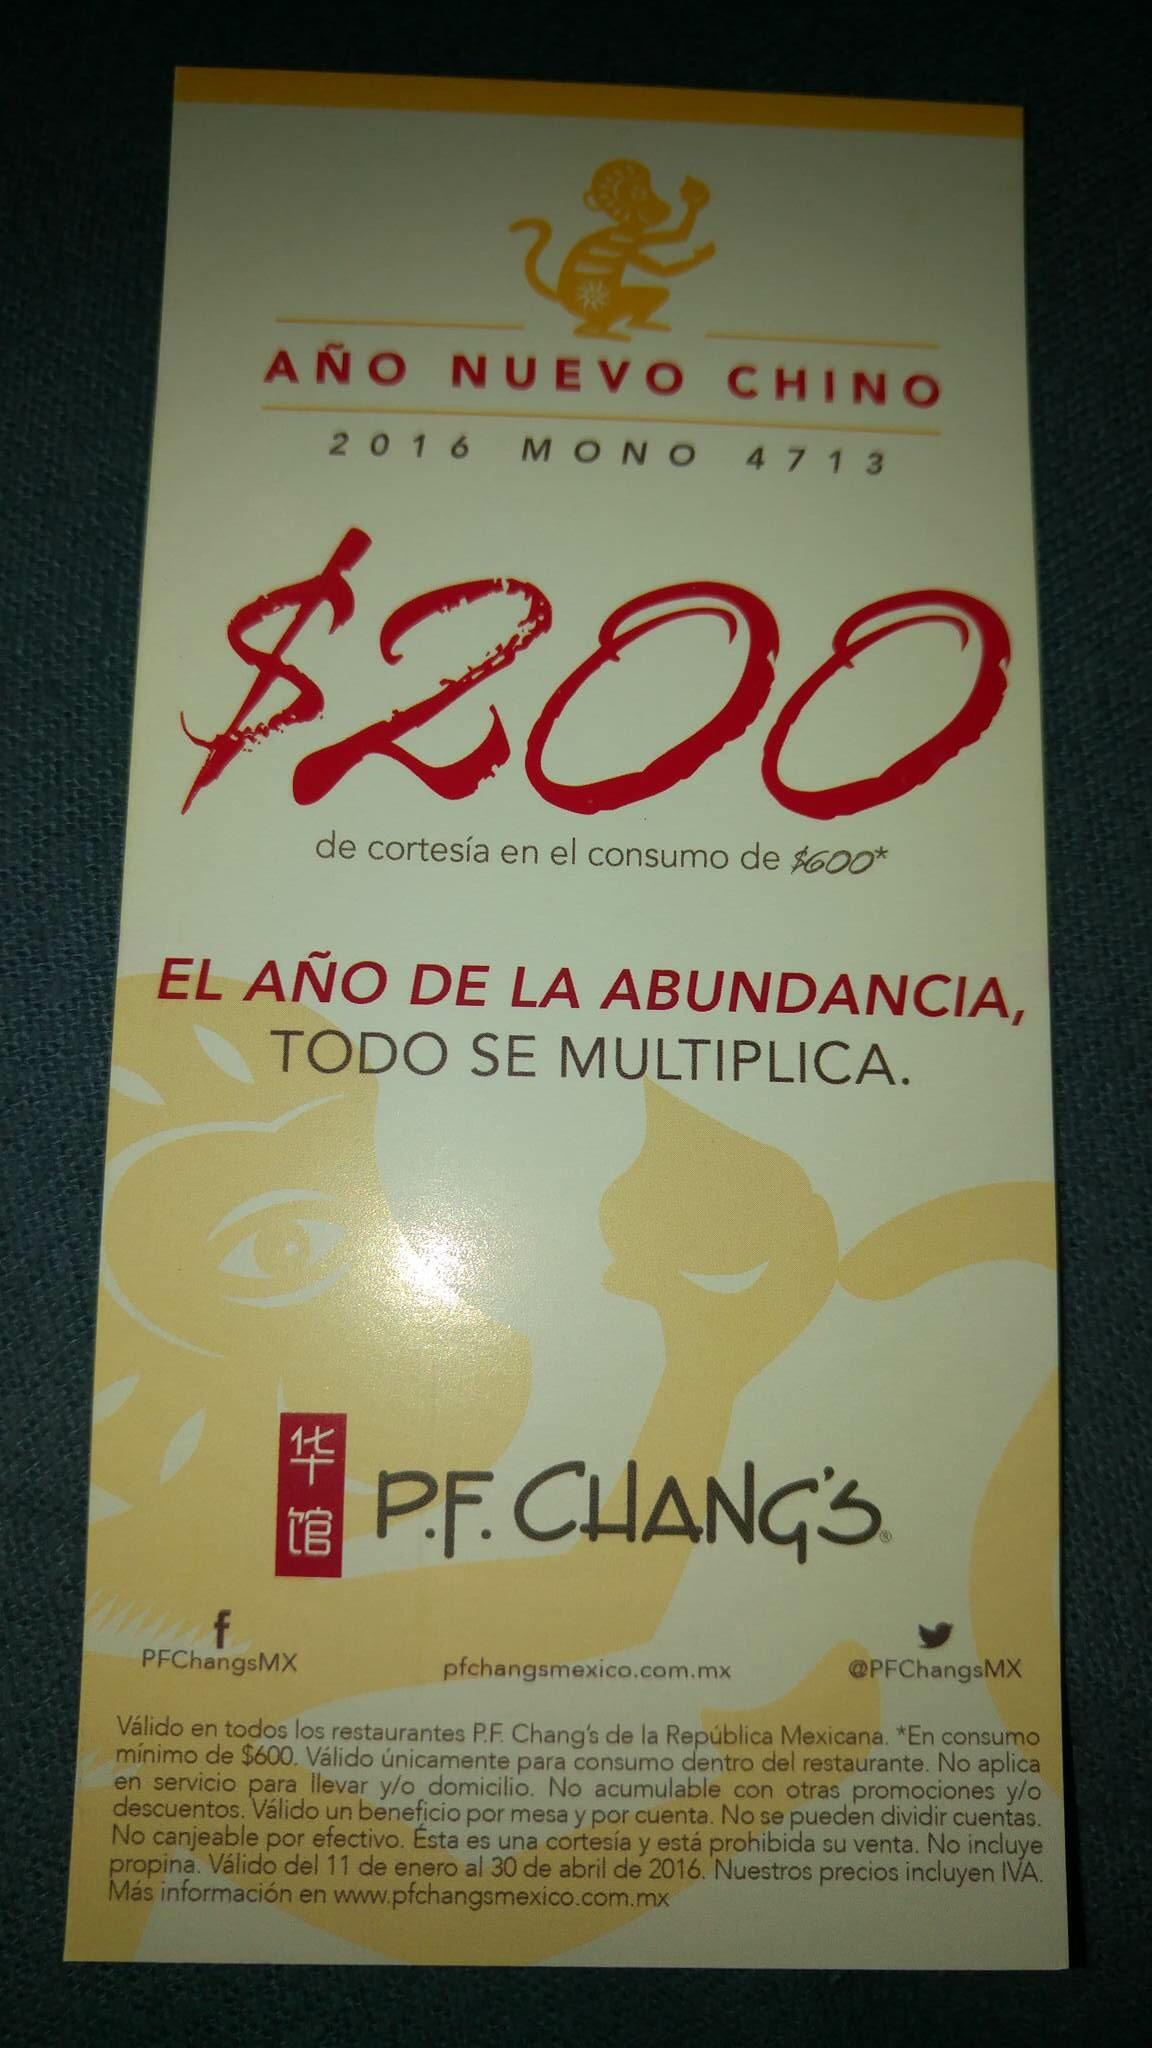 P.F. Chang's: $200 de descuento en consumo mínimo de $600 con cupón